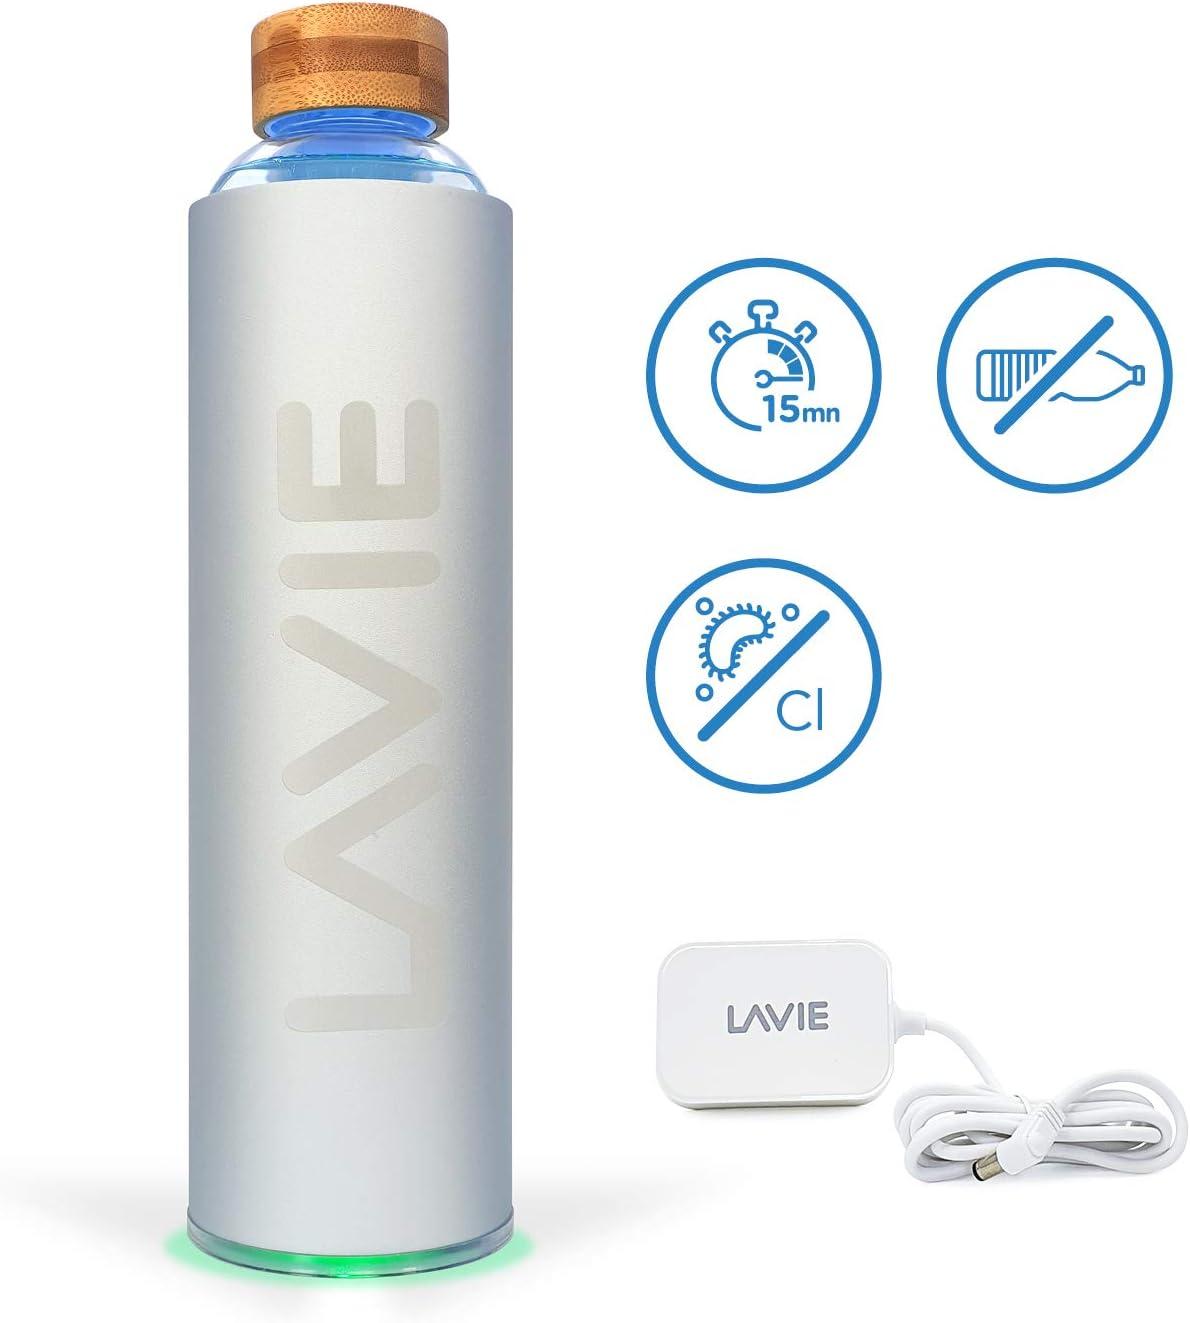 LaVie Pure es un Innovador Purificador de Agua con luz UVA Que Funciona Sin Consumibles. Transforme su Agua del Grifo en Agua Pura y Deliciosa en 15 Minutos. Capacidad 1 L: Amazon.es: